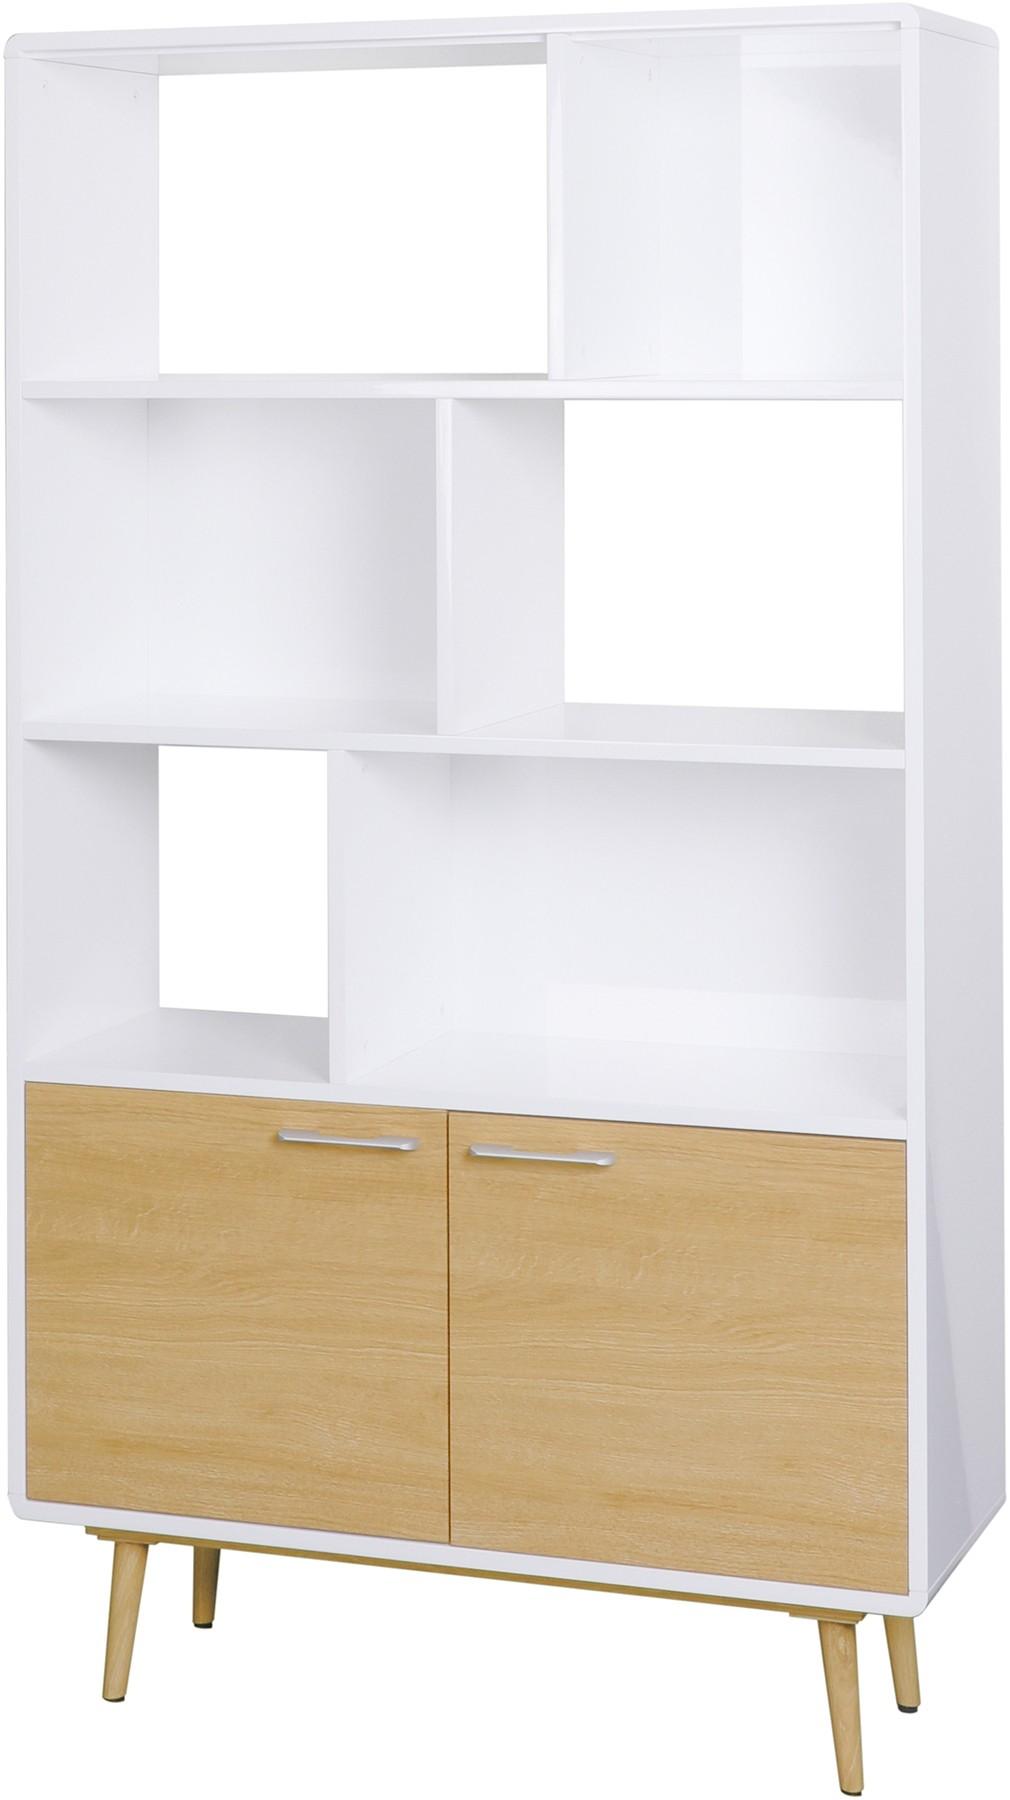 CONTEMPORARY Tall Bookcase - White